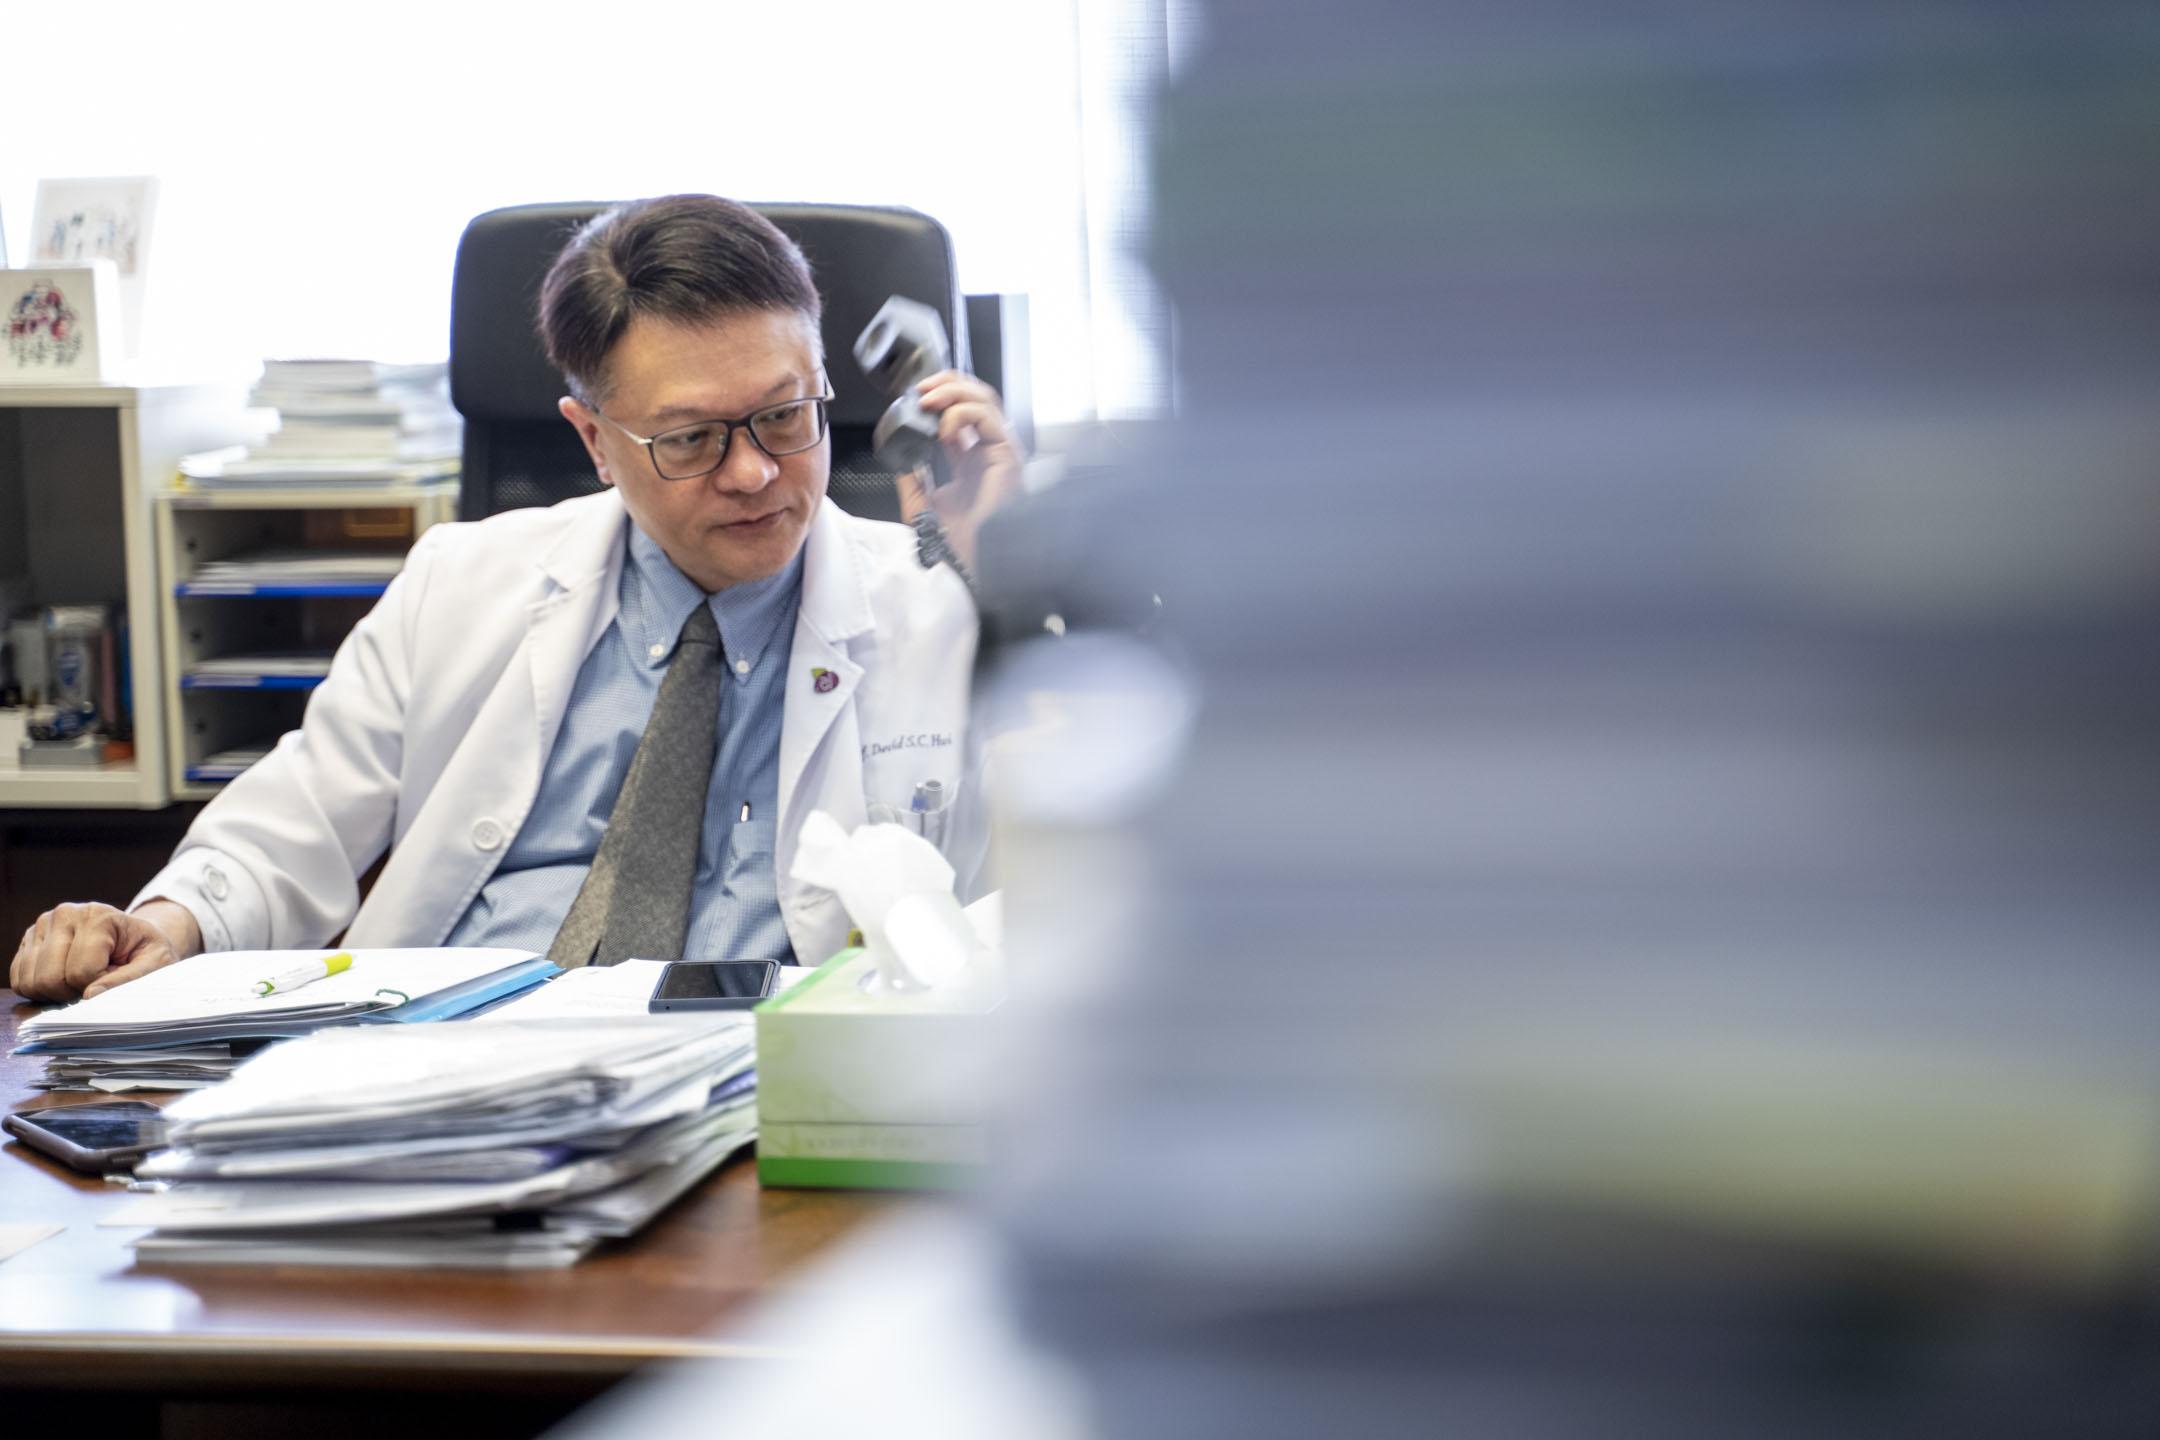 香港中文大學何鴻燊呼吸系統科講座教授許樹昌接受端傳媒專訪。 攝:林振東/端傳媒